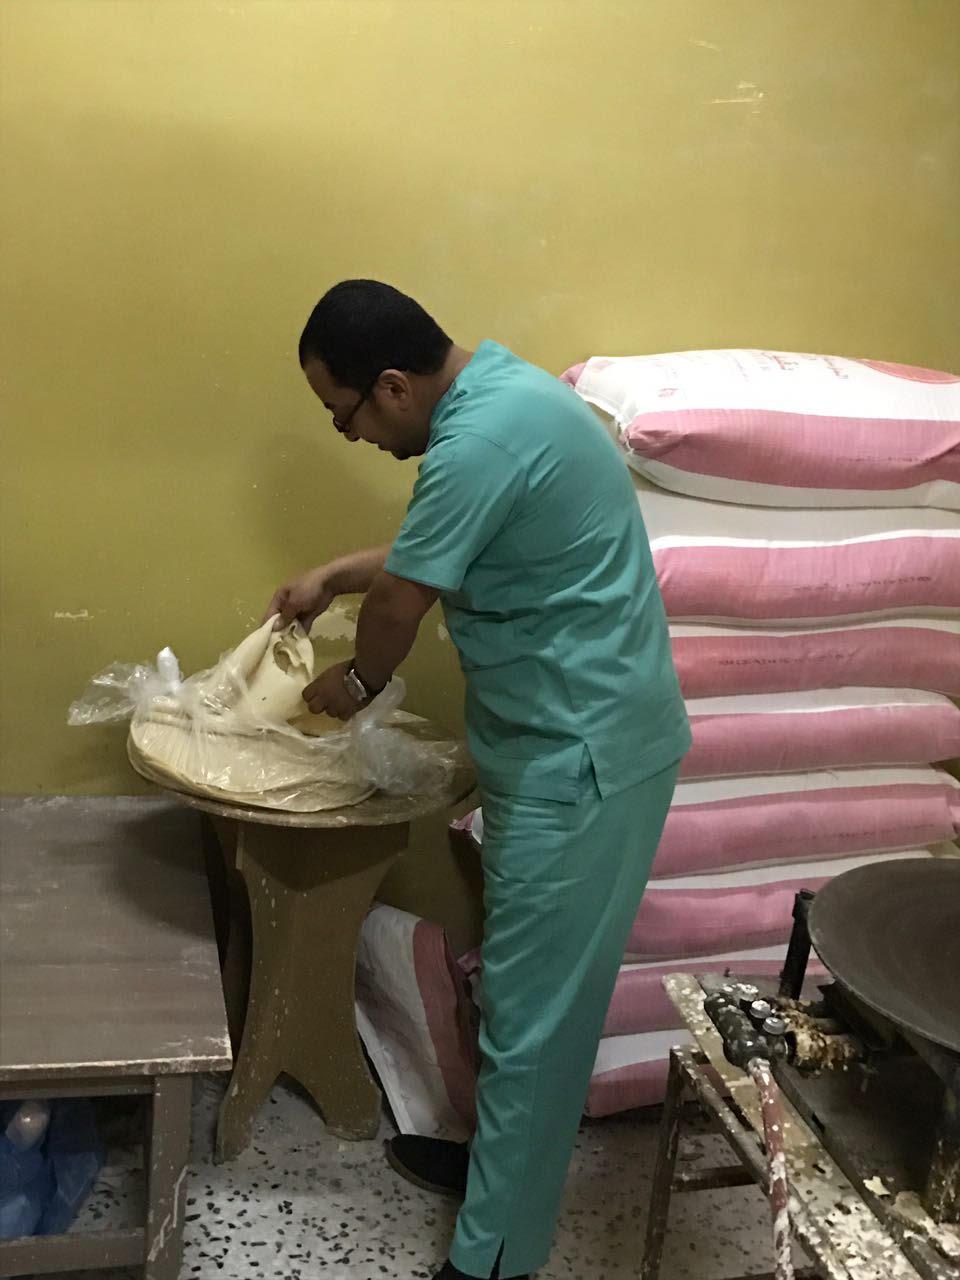 ضبط شقة سكنية تستخدم في تصنيع خبز